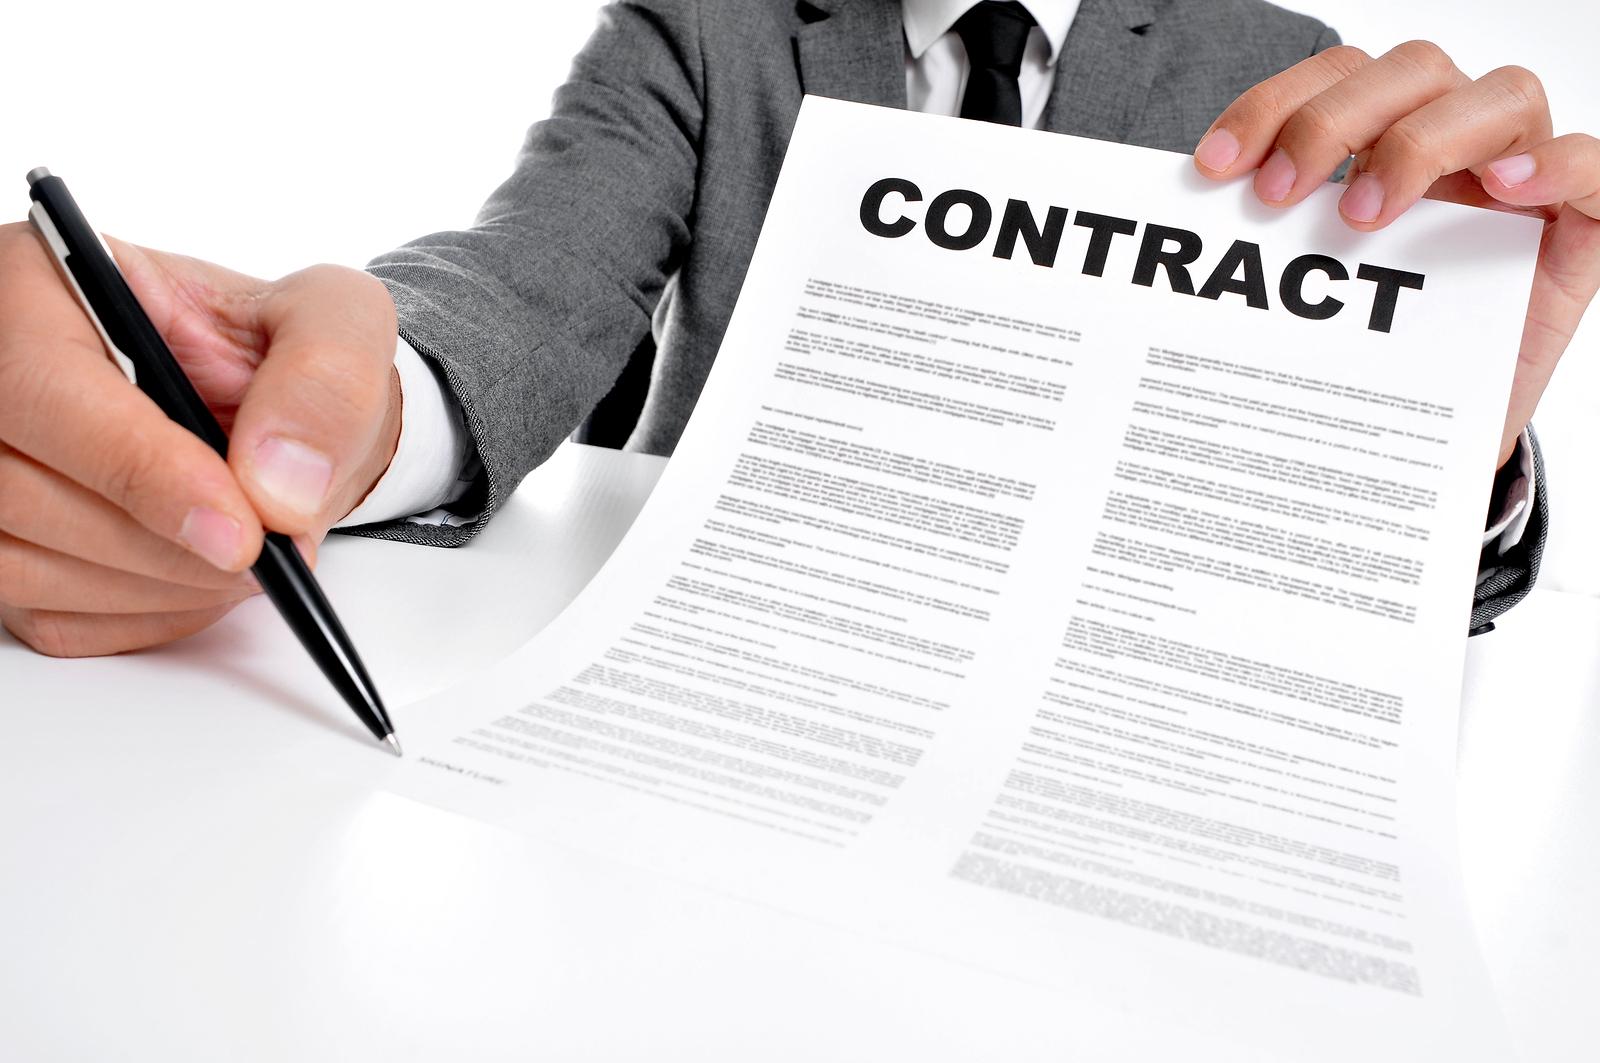 Việc sử dụng một bản hợp đồng kinh tế bằng ngôn ngữ địa phương của đối tác sẽ giúp doanh nghiệp của bạn dễ dàng thương thảo hơn